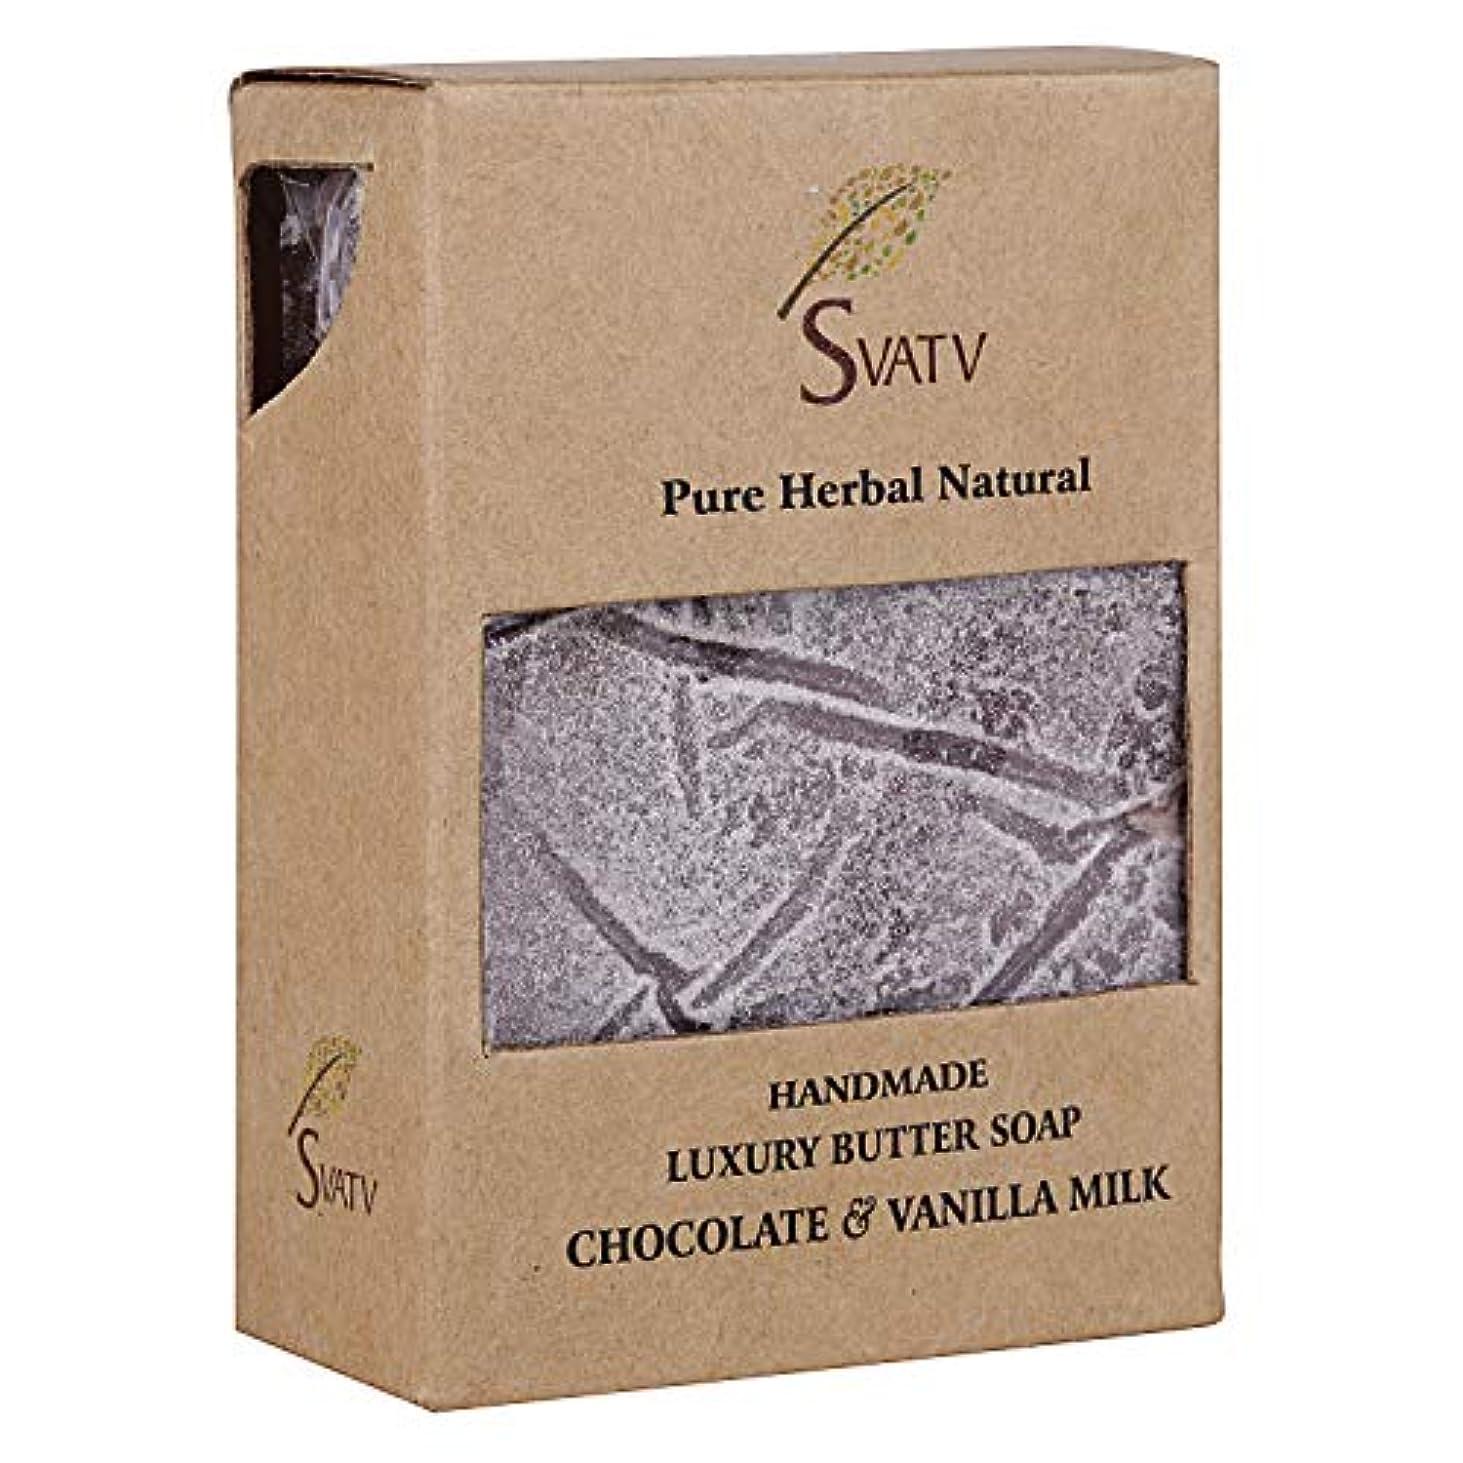 市町村ブラウスガウンSVATV Handmade Luxury Butter Soap Chocolate & Vanilla Milk For All Skin types 100g Bar